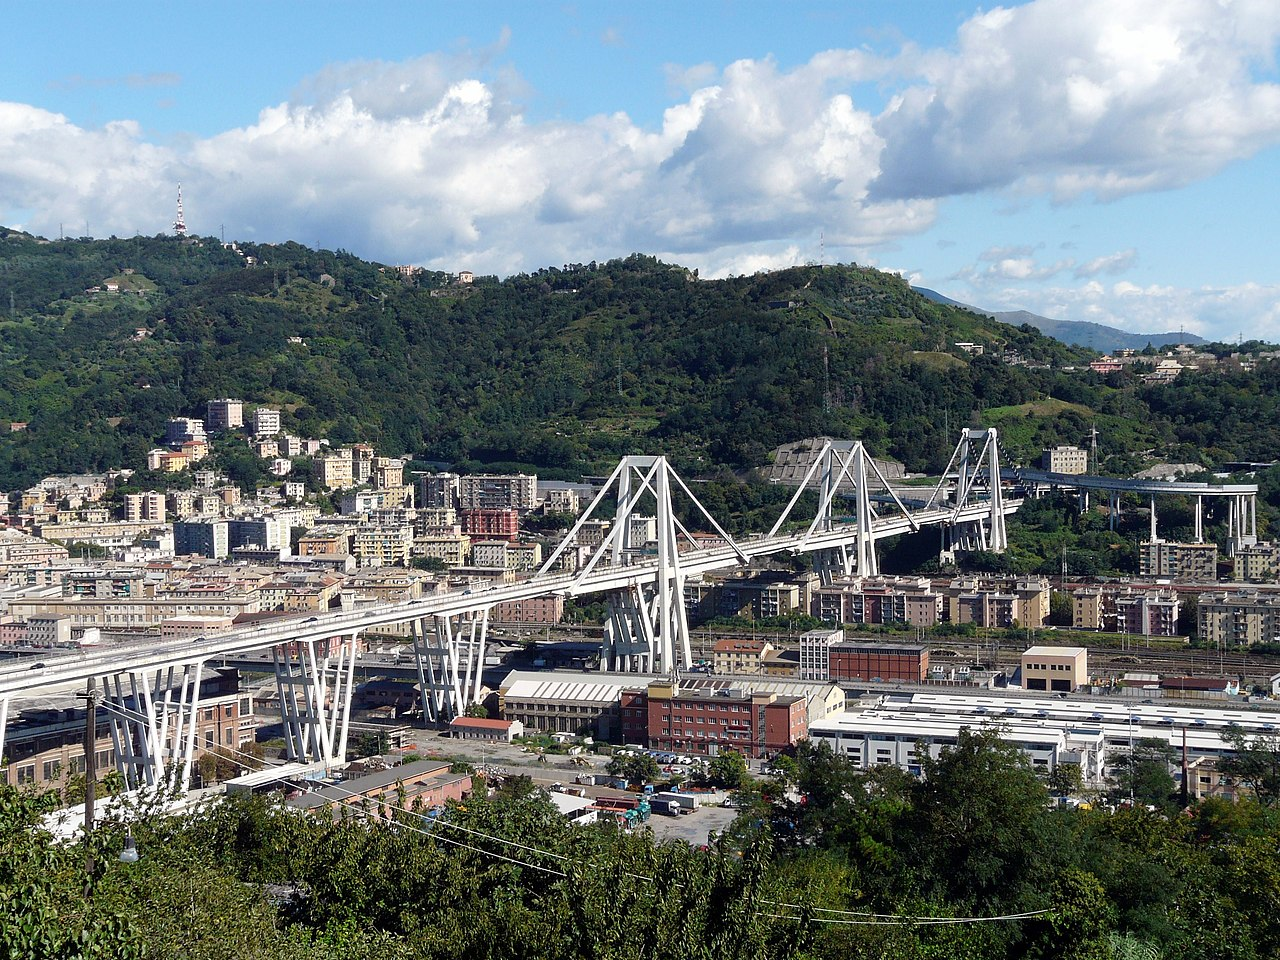 Morandi Bridge, Genoa, Italy